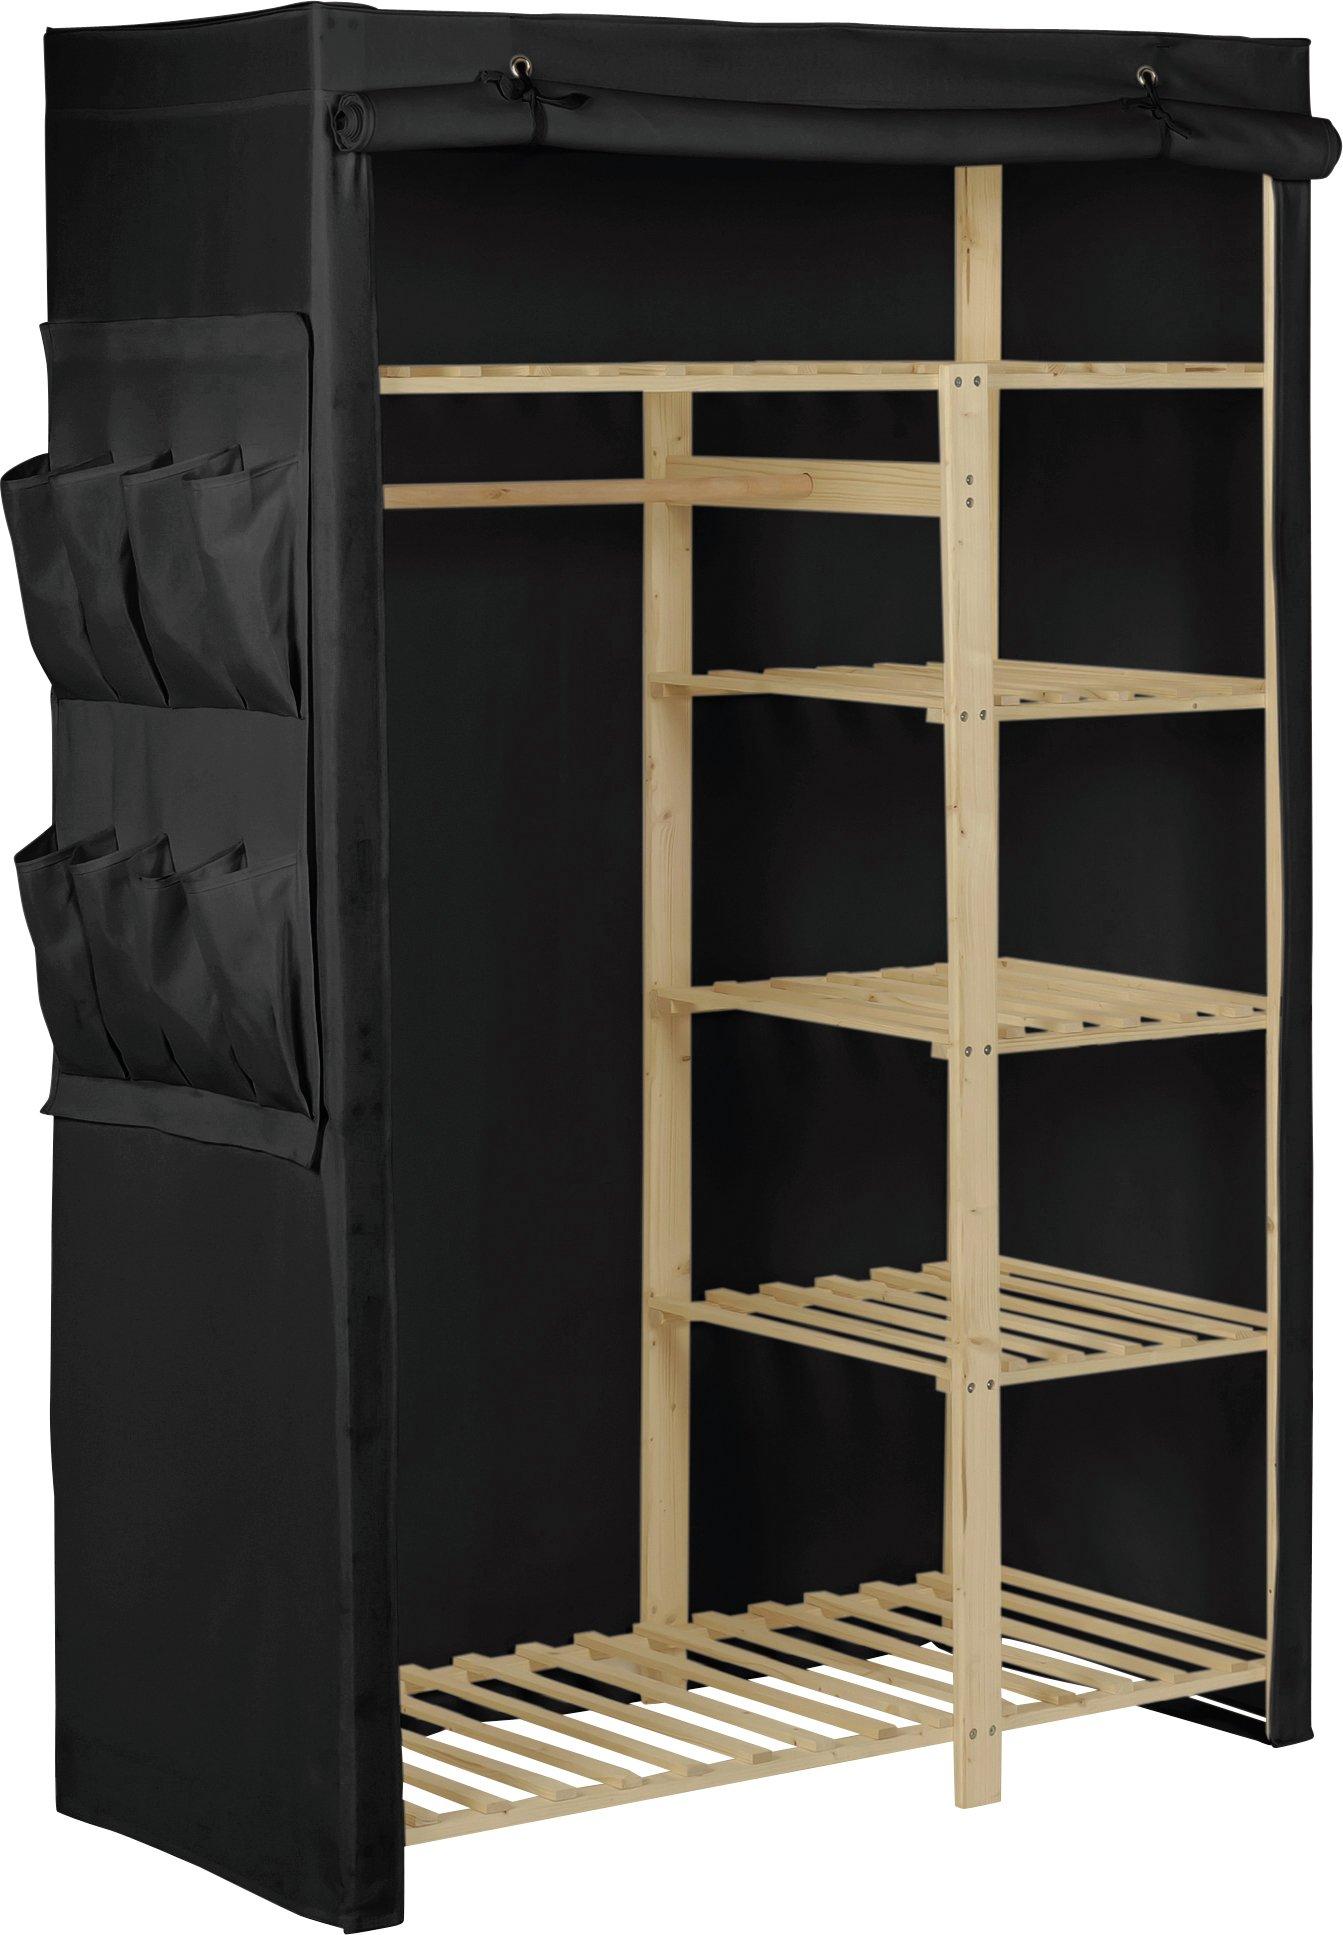 Argos Home Polycotton and Pine Double Wardrobe - Black